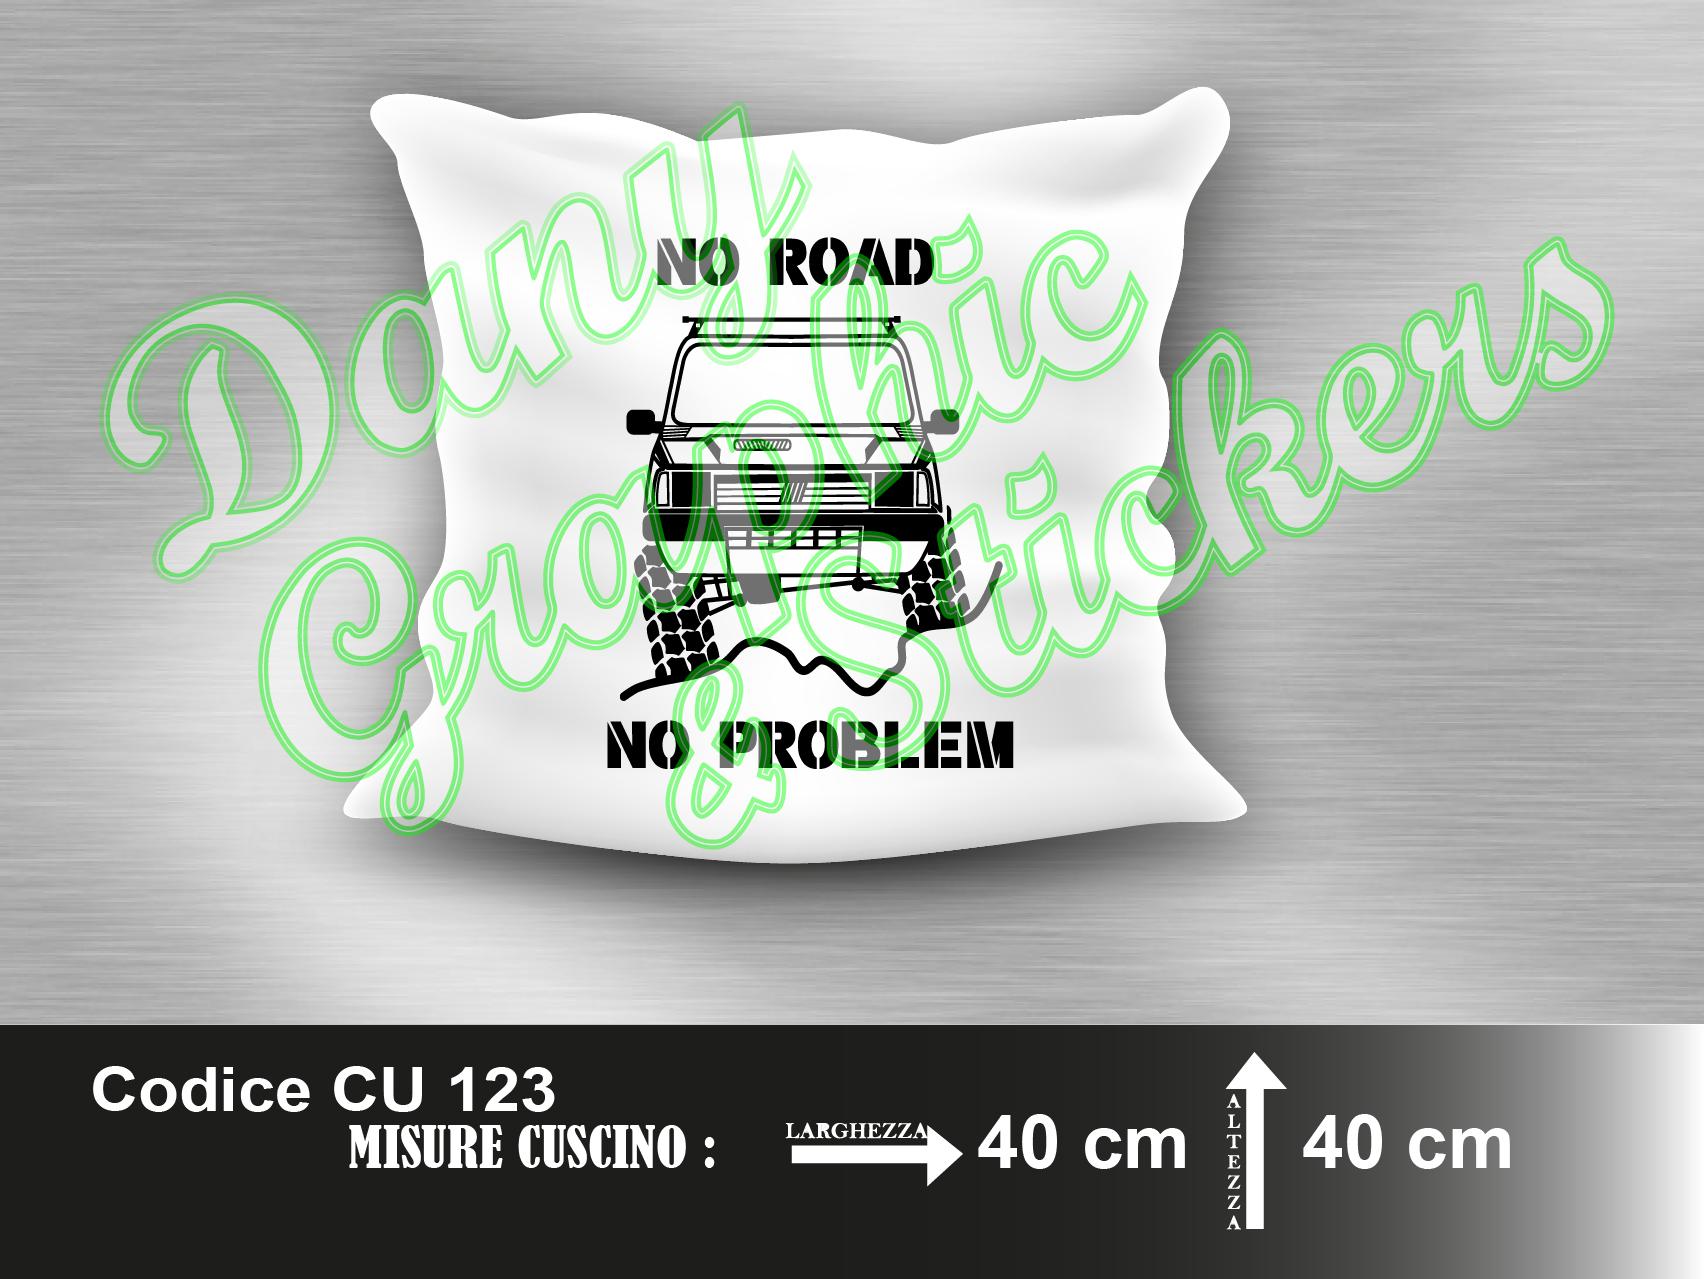 CU 123 CUSCINO FIAT PANDA 4x4 NO ROAD NO PROBLEM